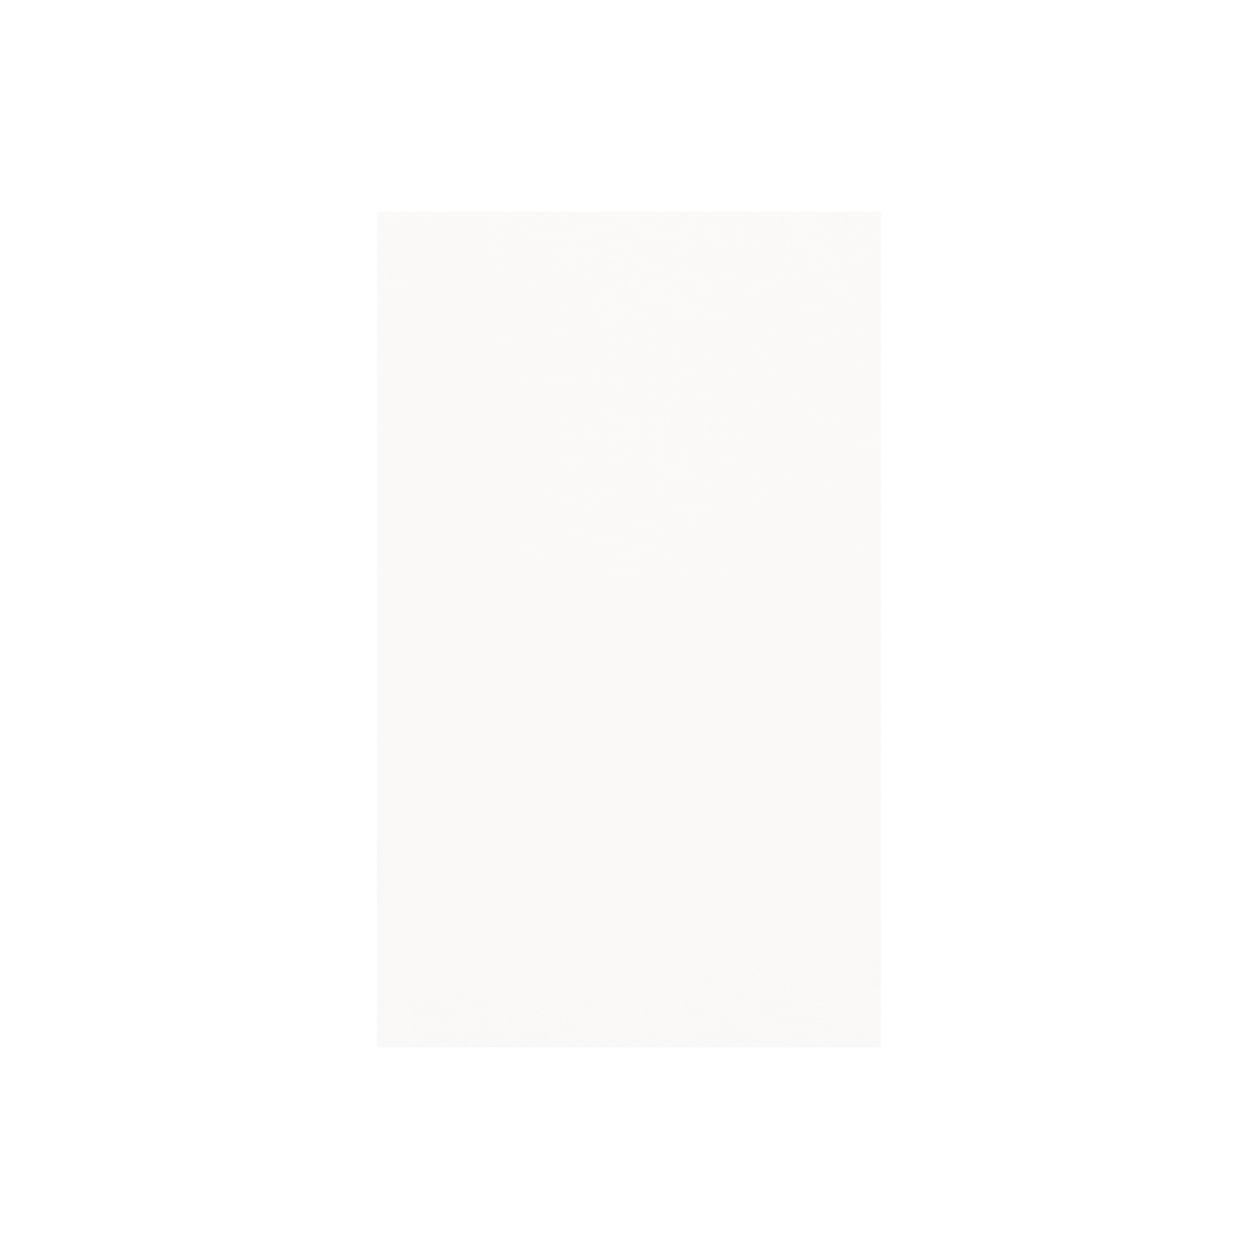 サンプル カード・シート 00483